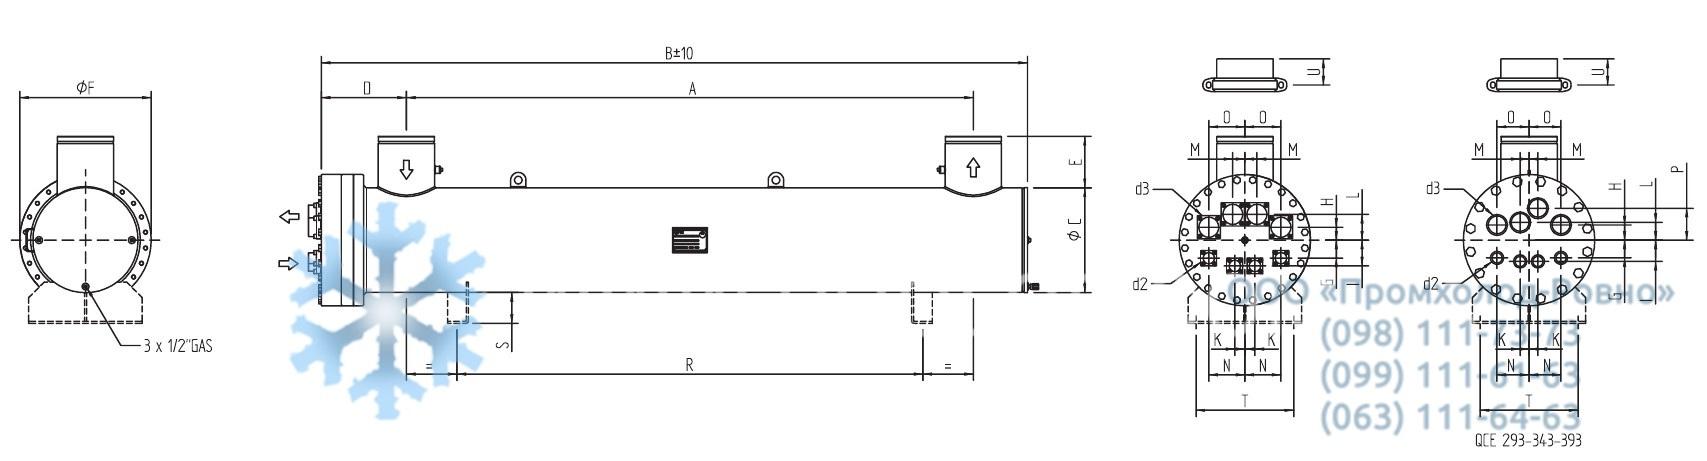 Кожухотрубный испаритель WTK QCE 1583 Артём Кожухотрубный теплообменник Alfa Laval ViscoLine VLM 13x16/89-6 Архангельск